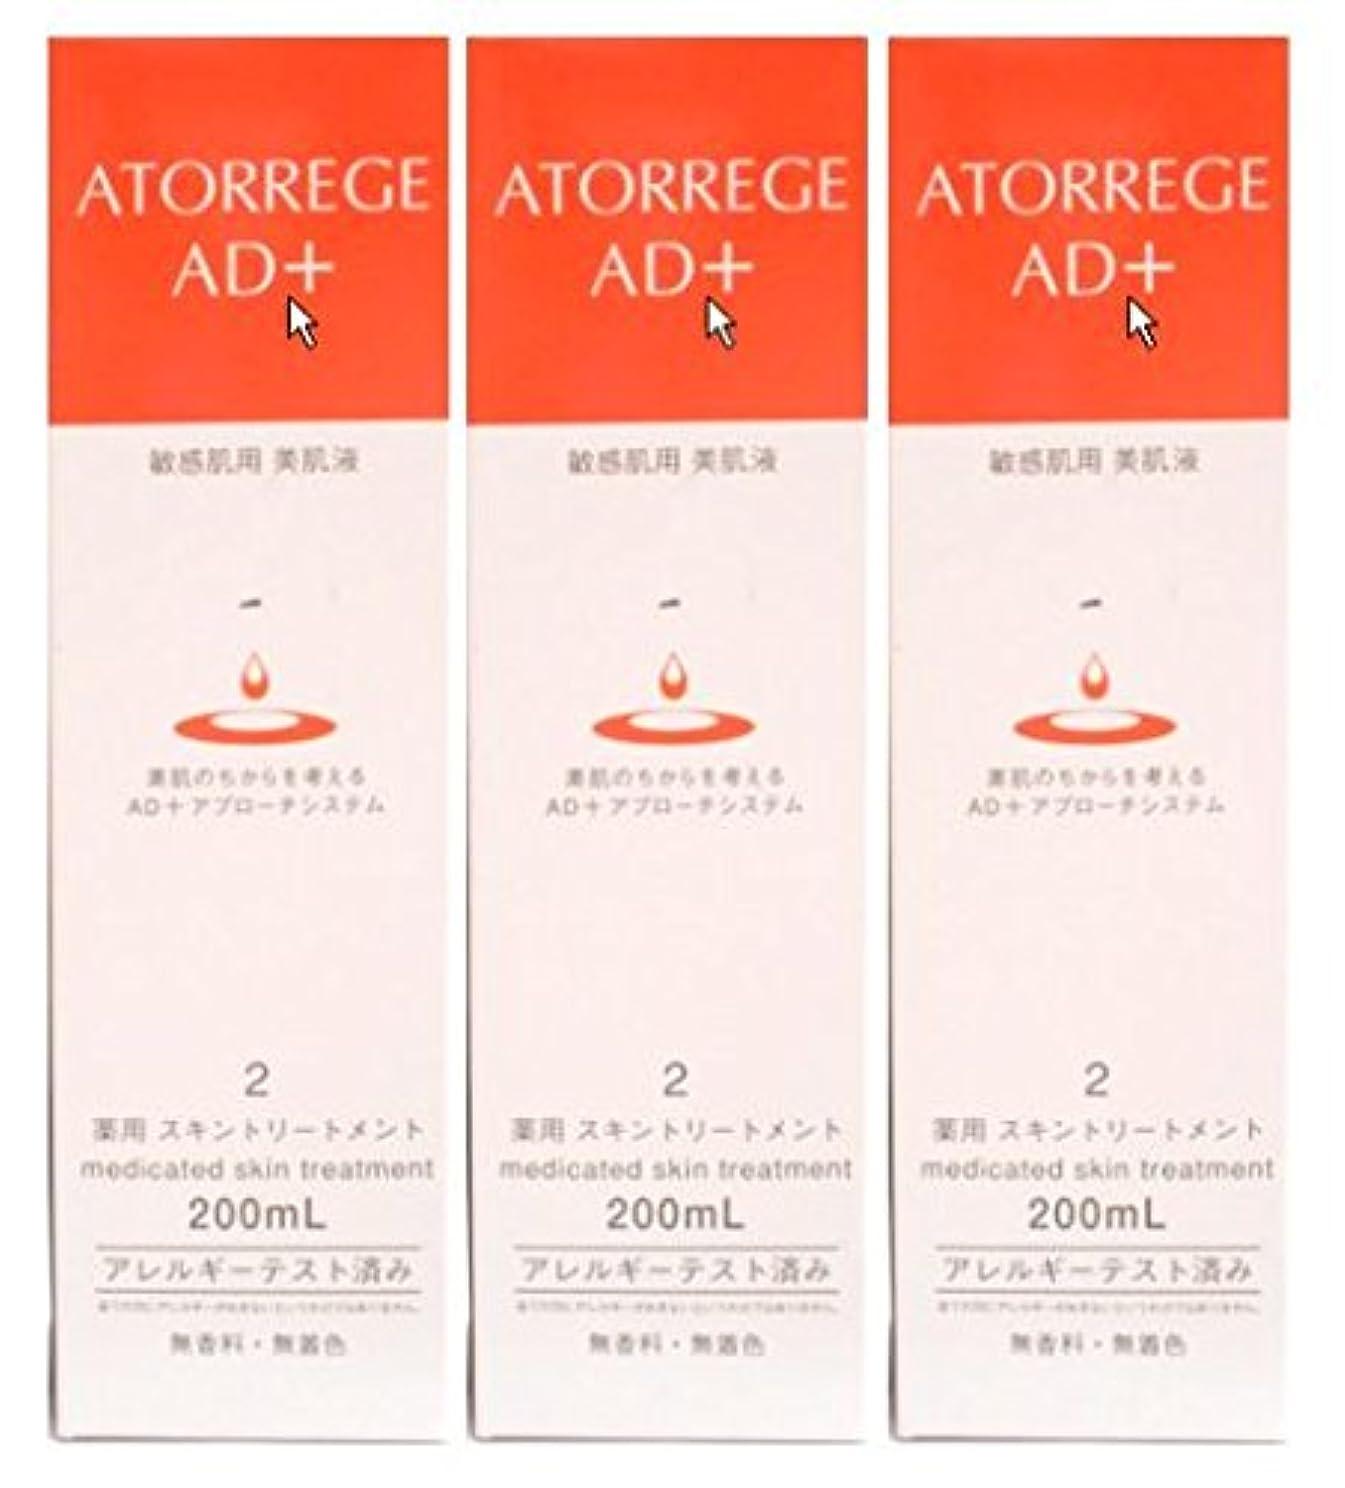 弁護士クール愛撫(お買い得3本セット)アトレージュ AD+薬用スキントリートメント 200ml(敏感肌用化粧水)(医薬部外品)